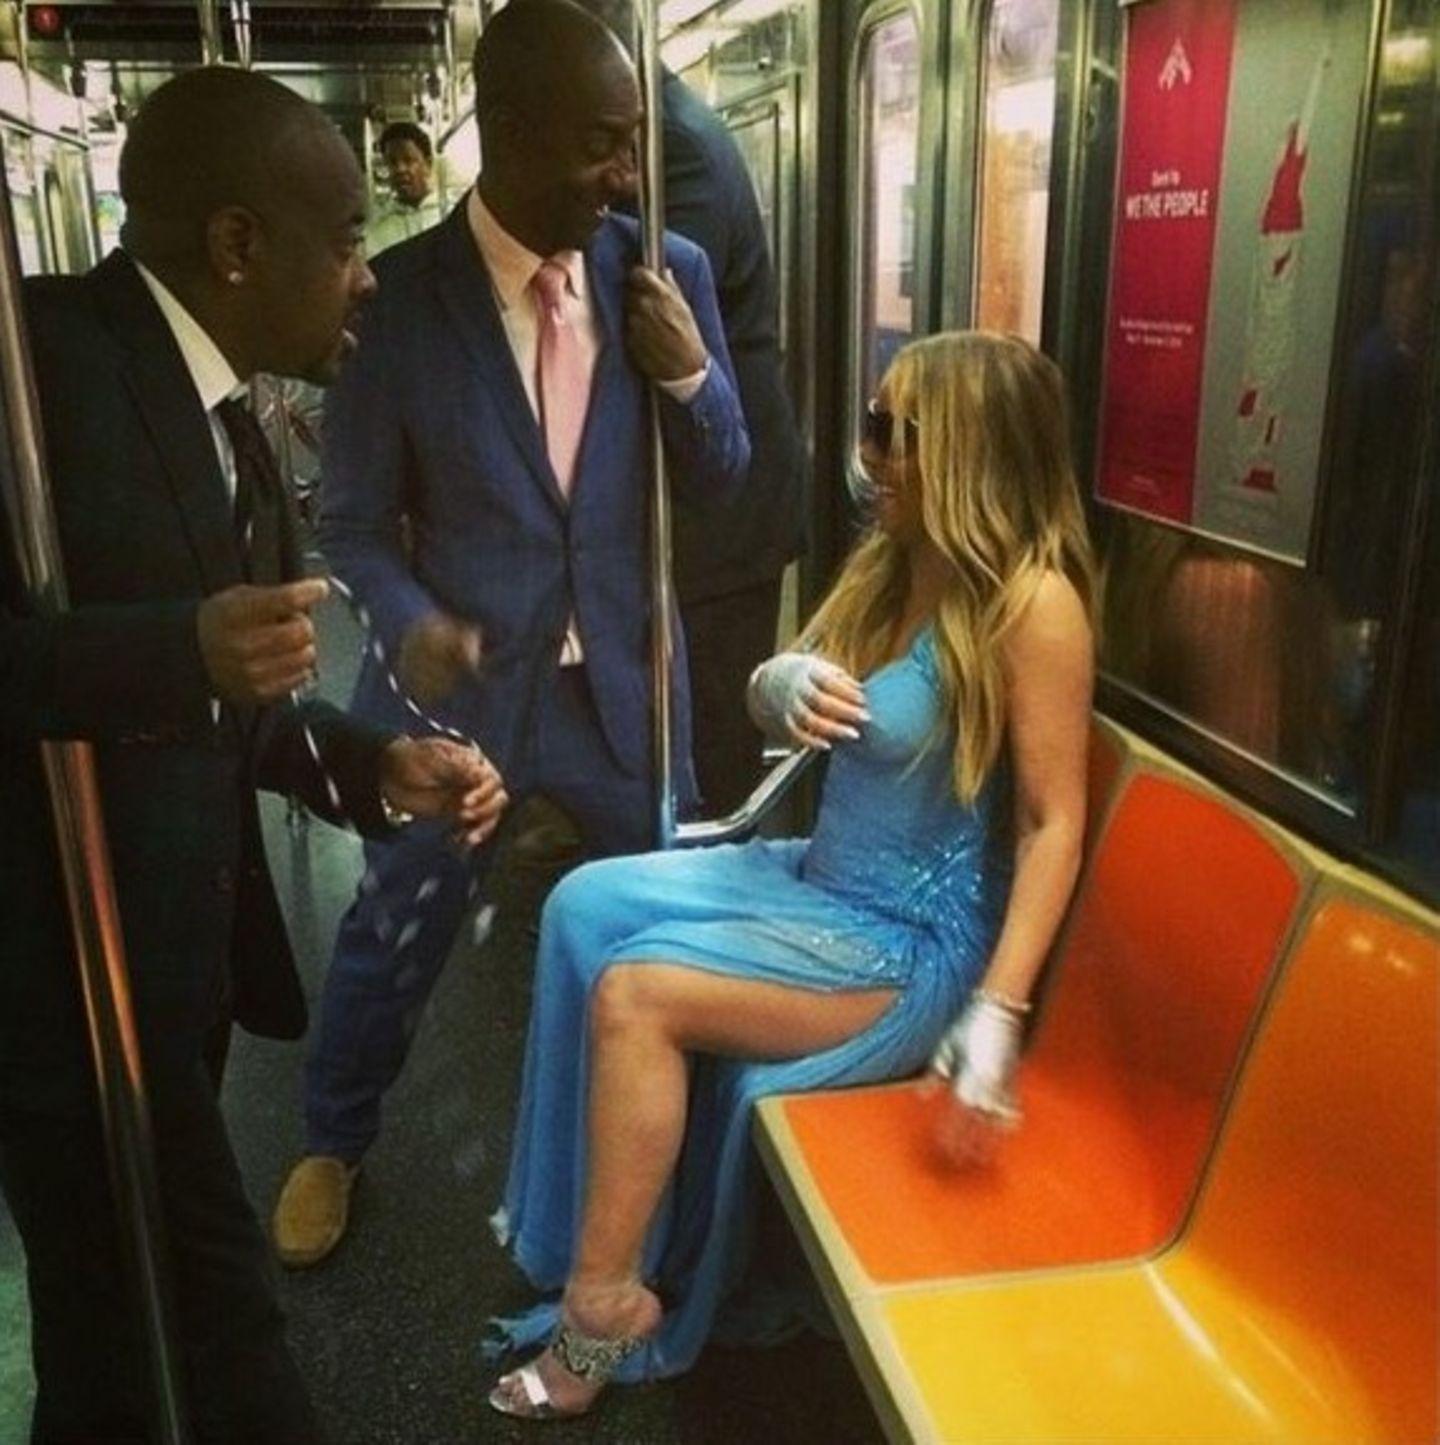 Nicht ohne mein Versace-Kleid! Mariah Carey macht keine Anstalten in der Bahn anonym zu bleiben.